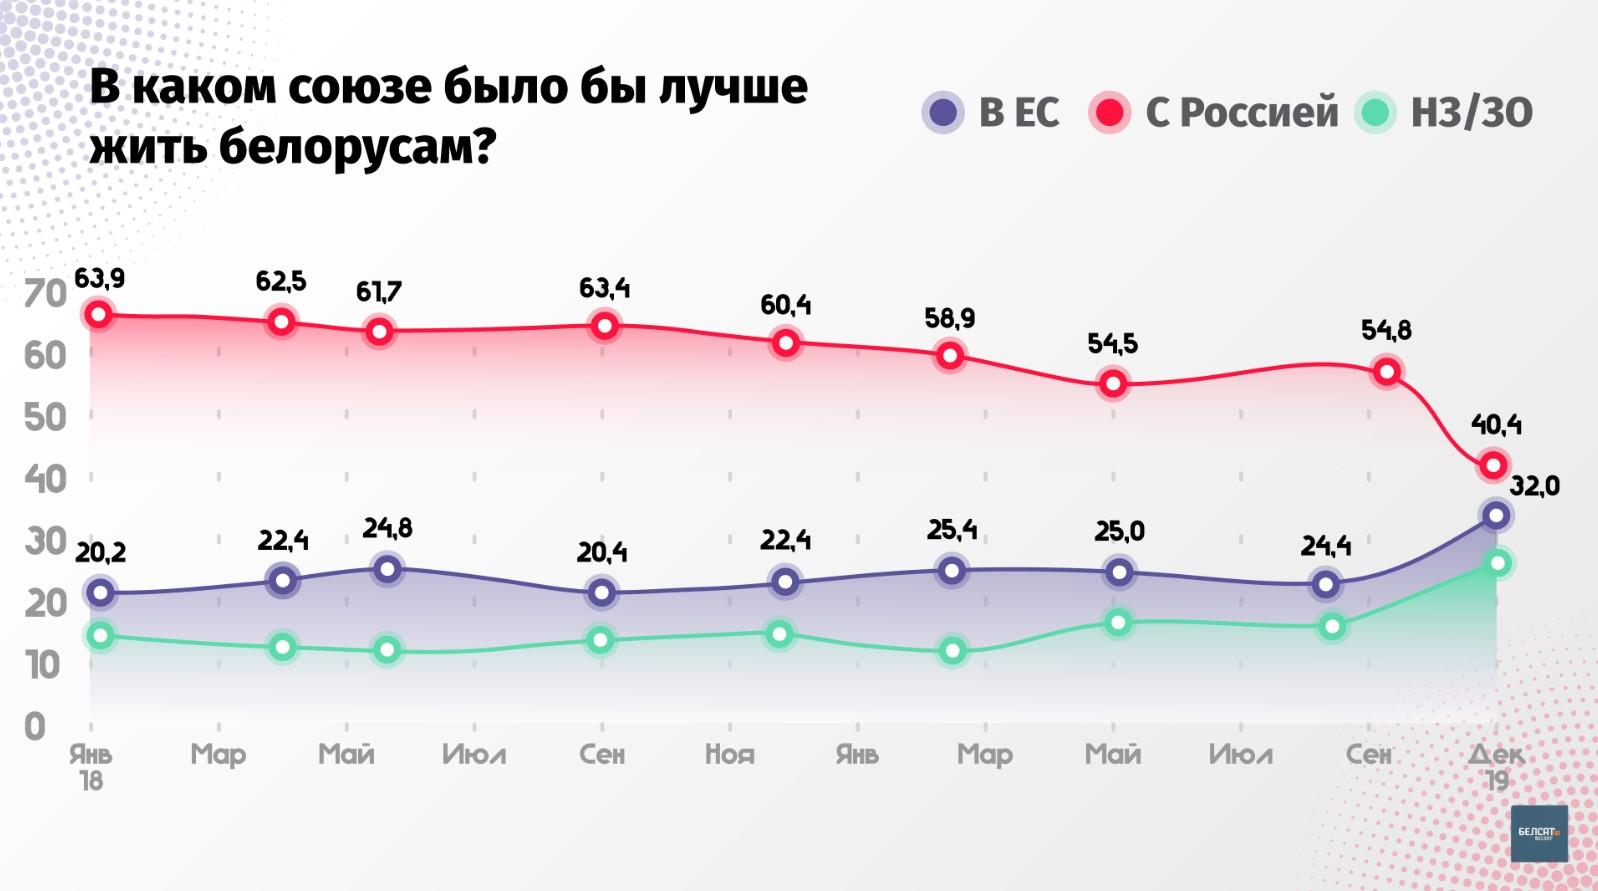 Число сторонников союза с РФ в Беларуси снизилось на треть